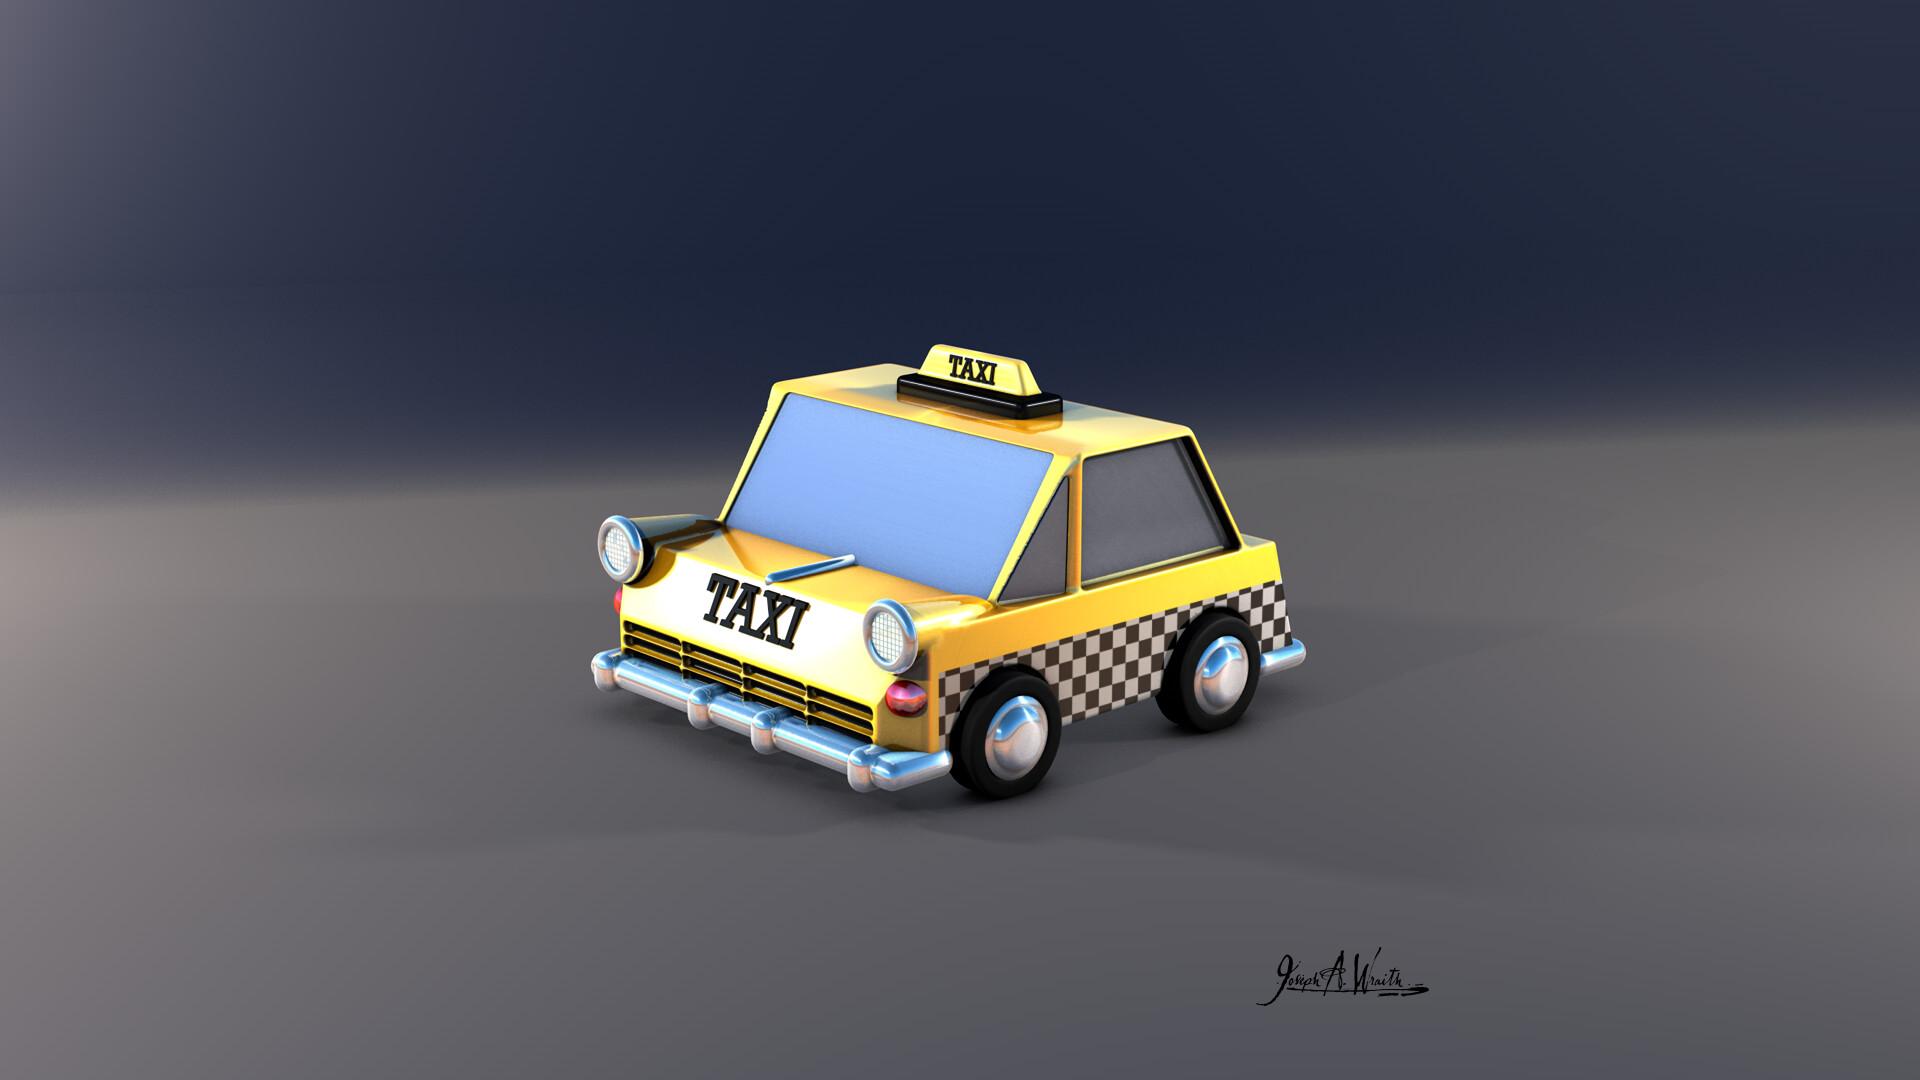 Joseph wraith taxi 01